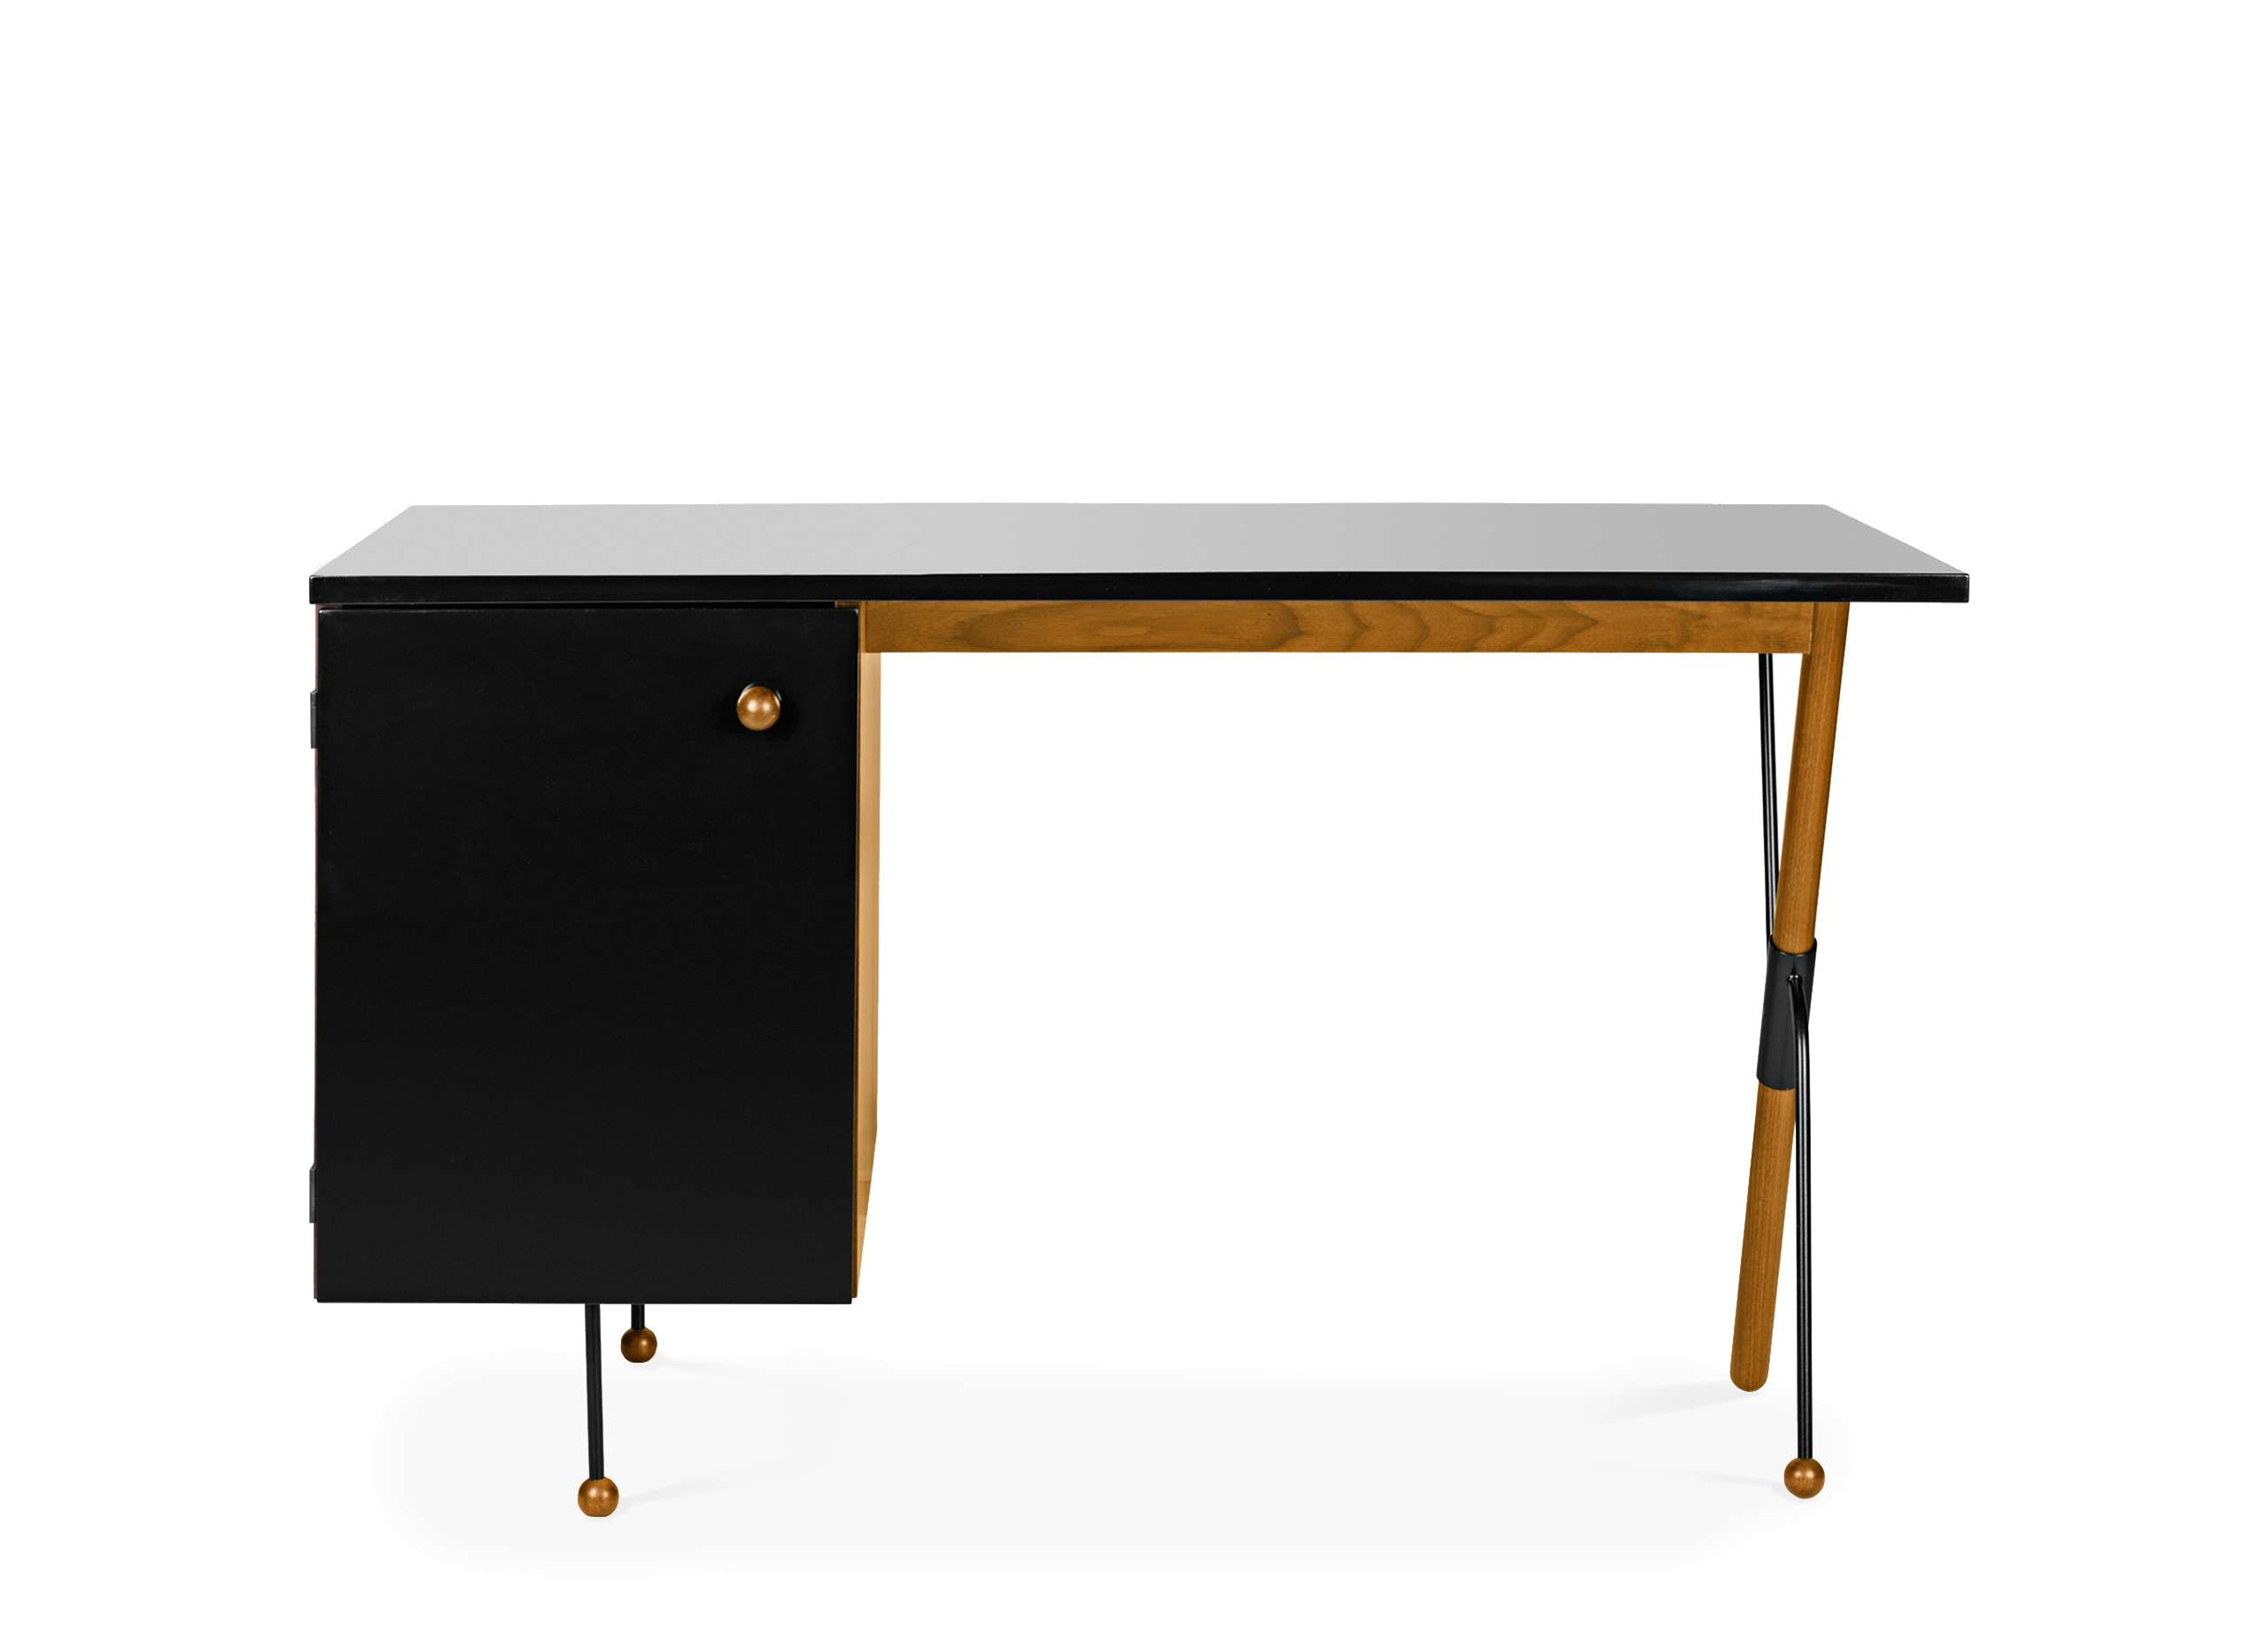 Tolle Möbel und Produkte für Ihr Home Office | The Qvest Shop